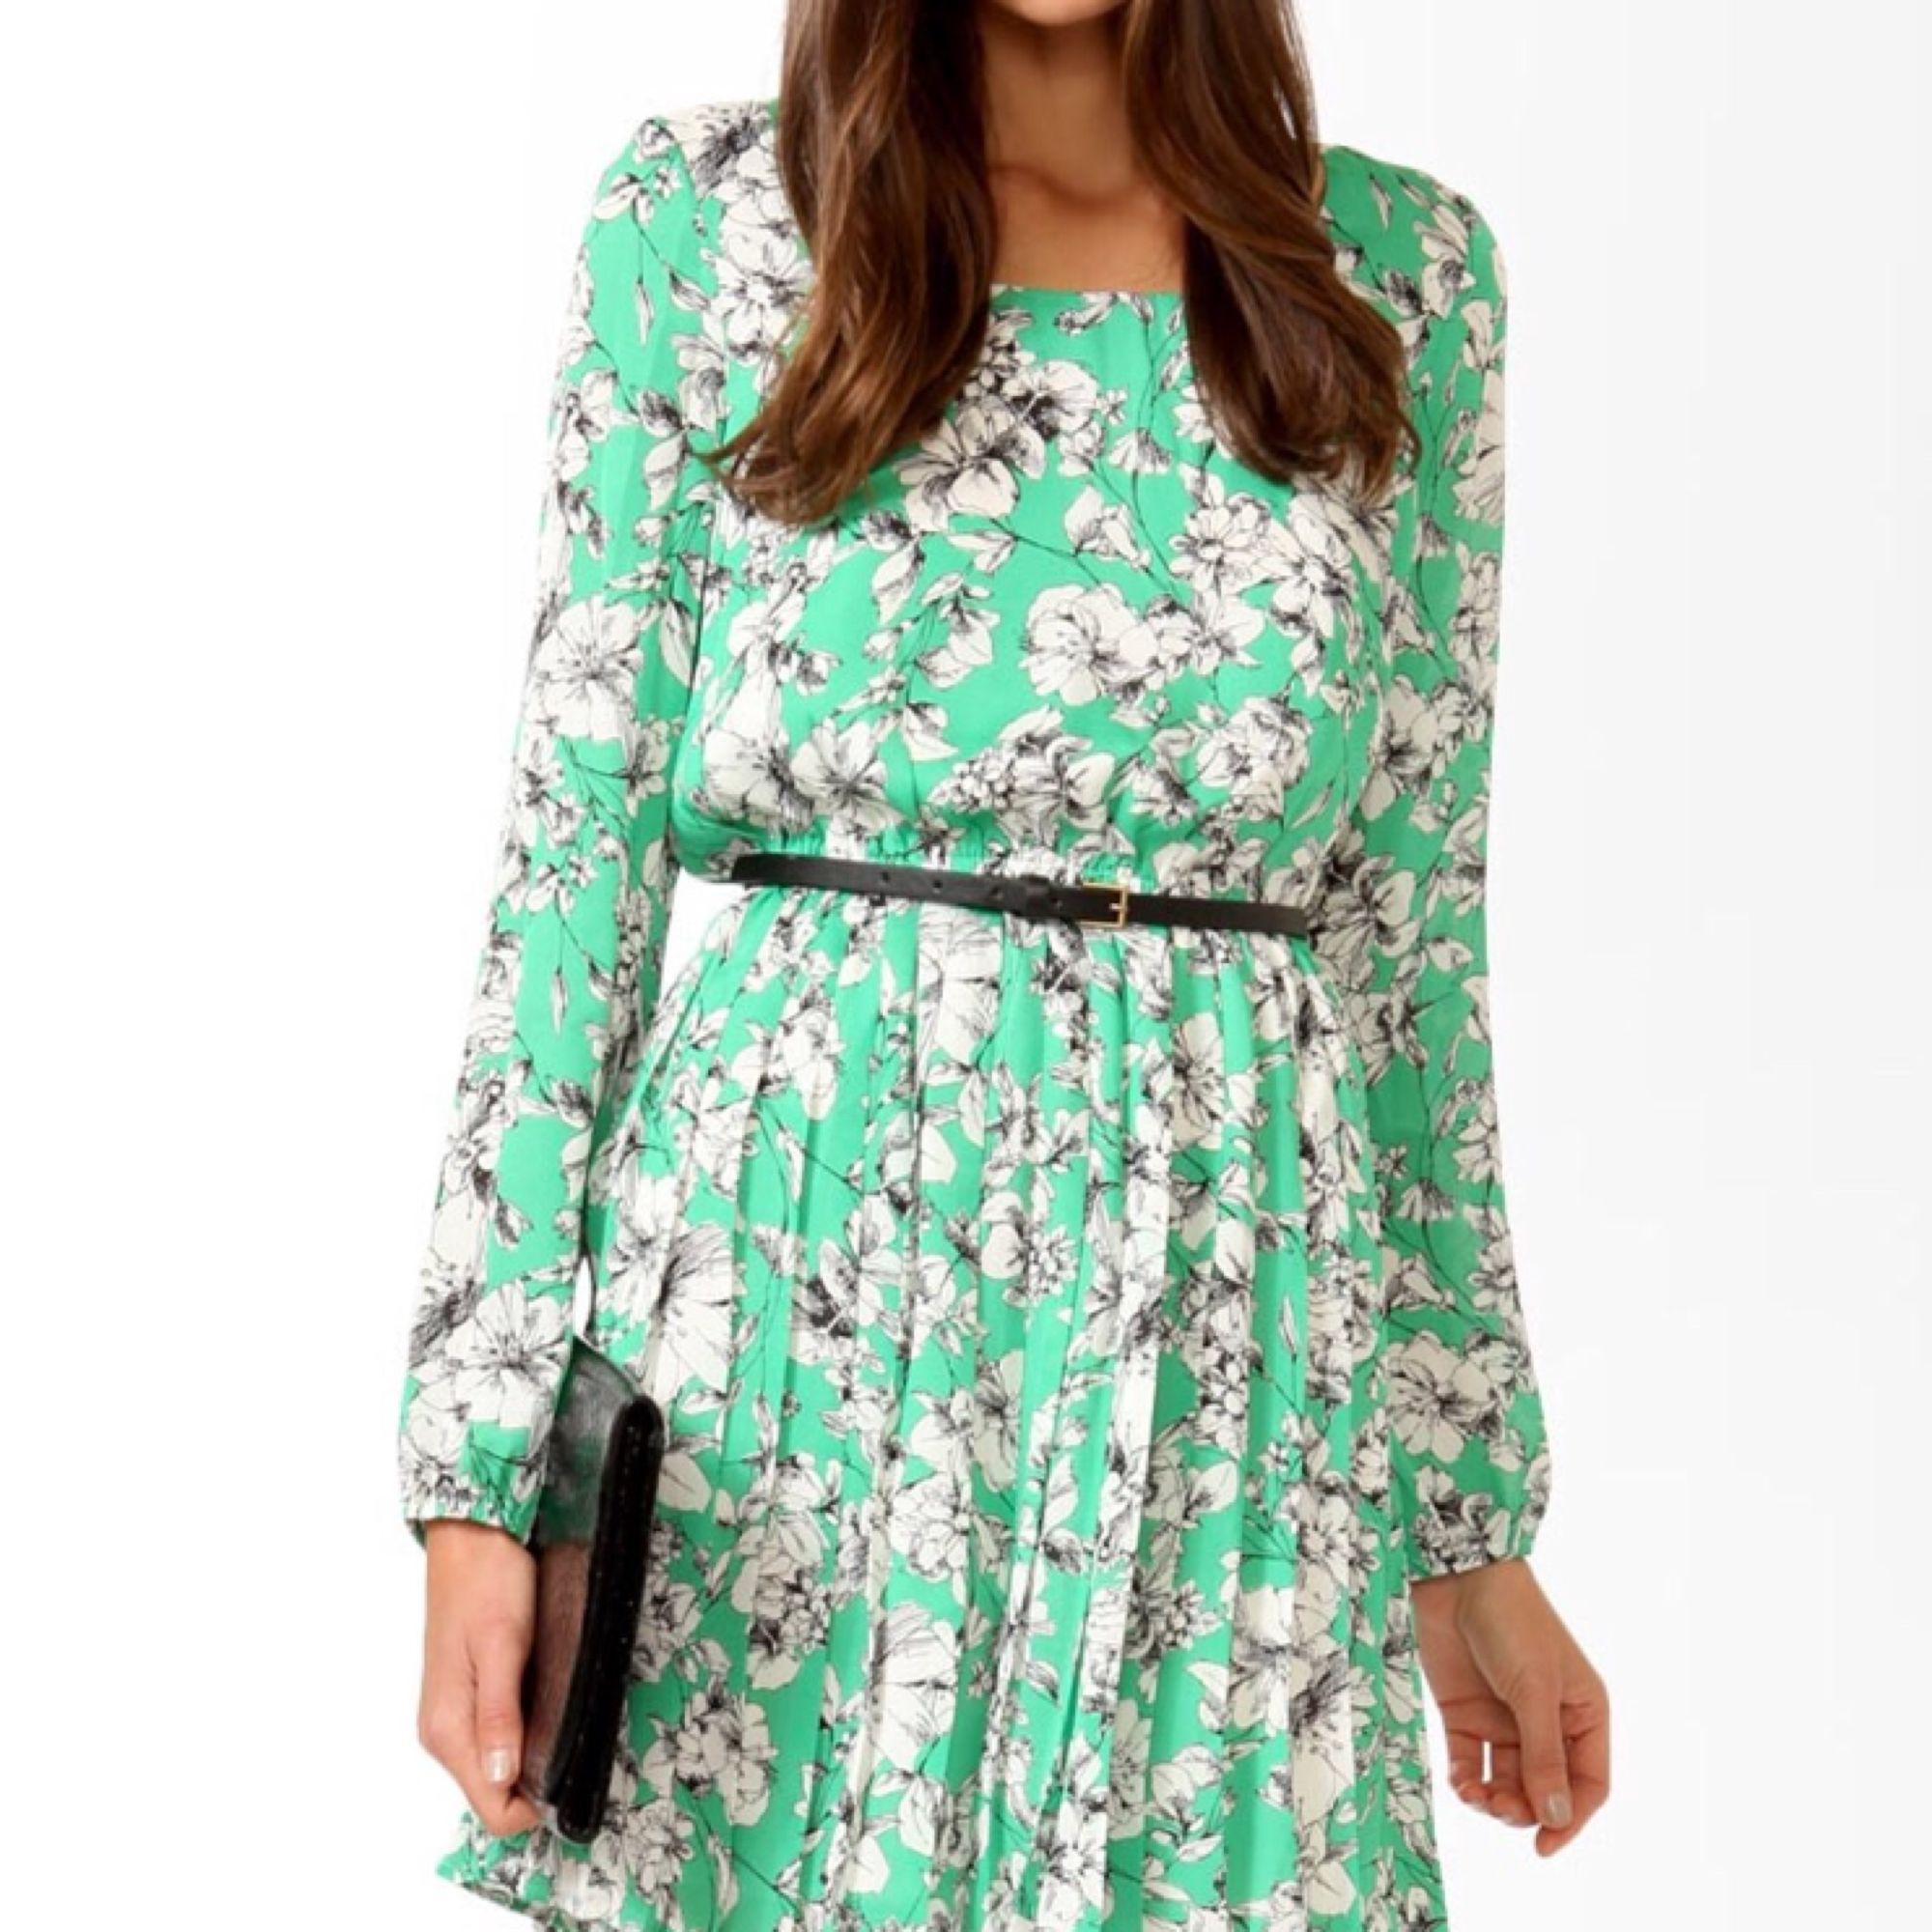 cdc59b8c070a Ny grön blommig klänning från Forever 21! Strl L. Den är liten i strl